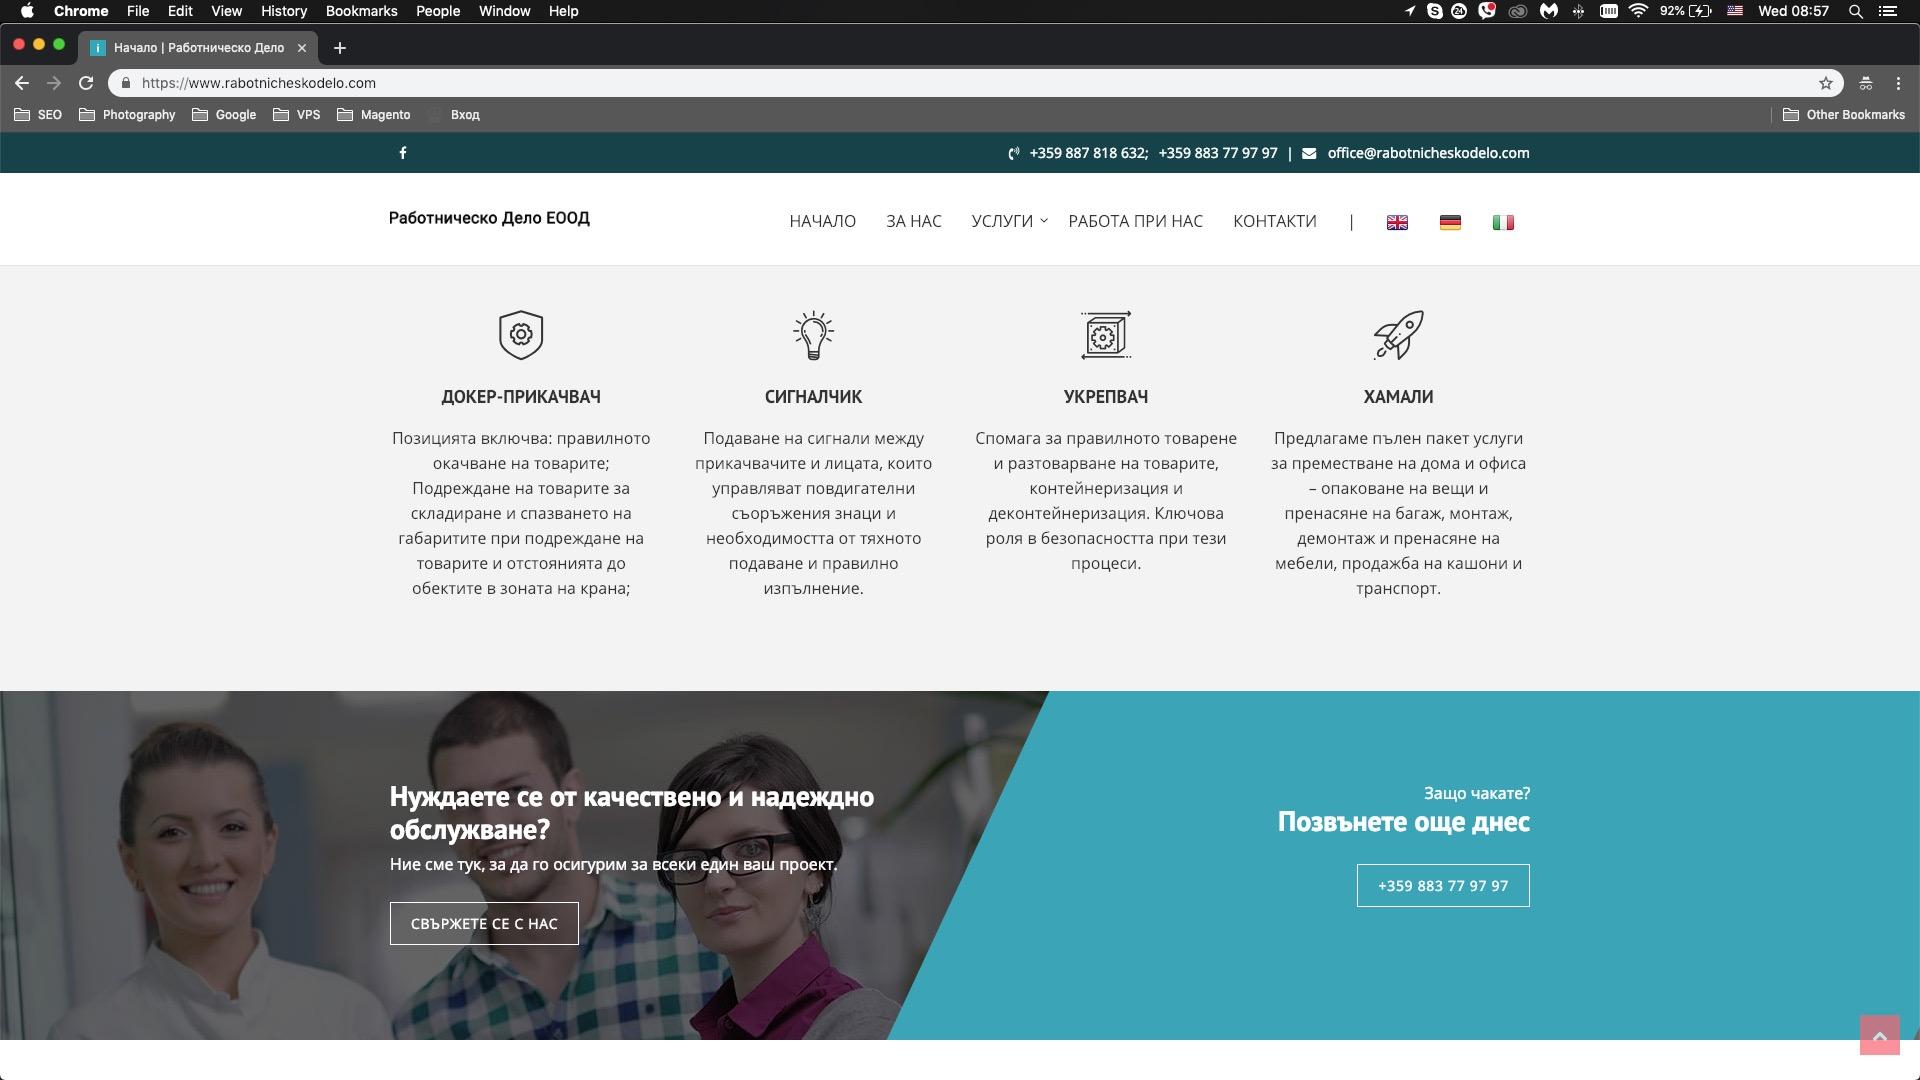 Изработка уебсайт - работническо дело